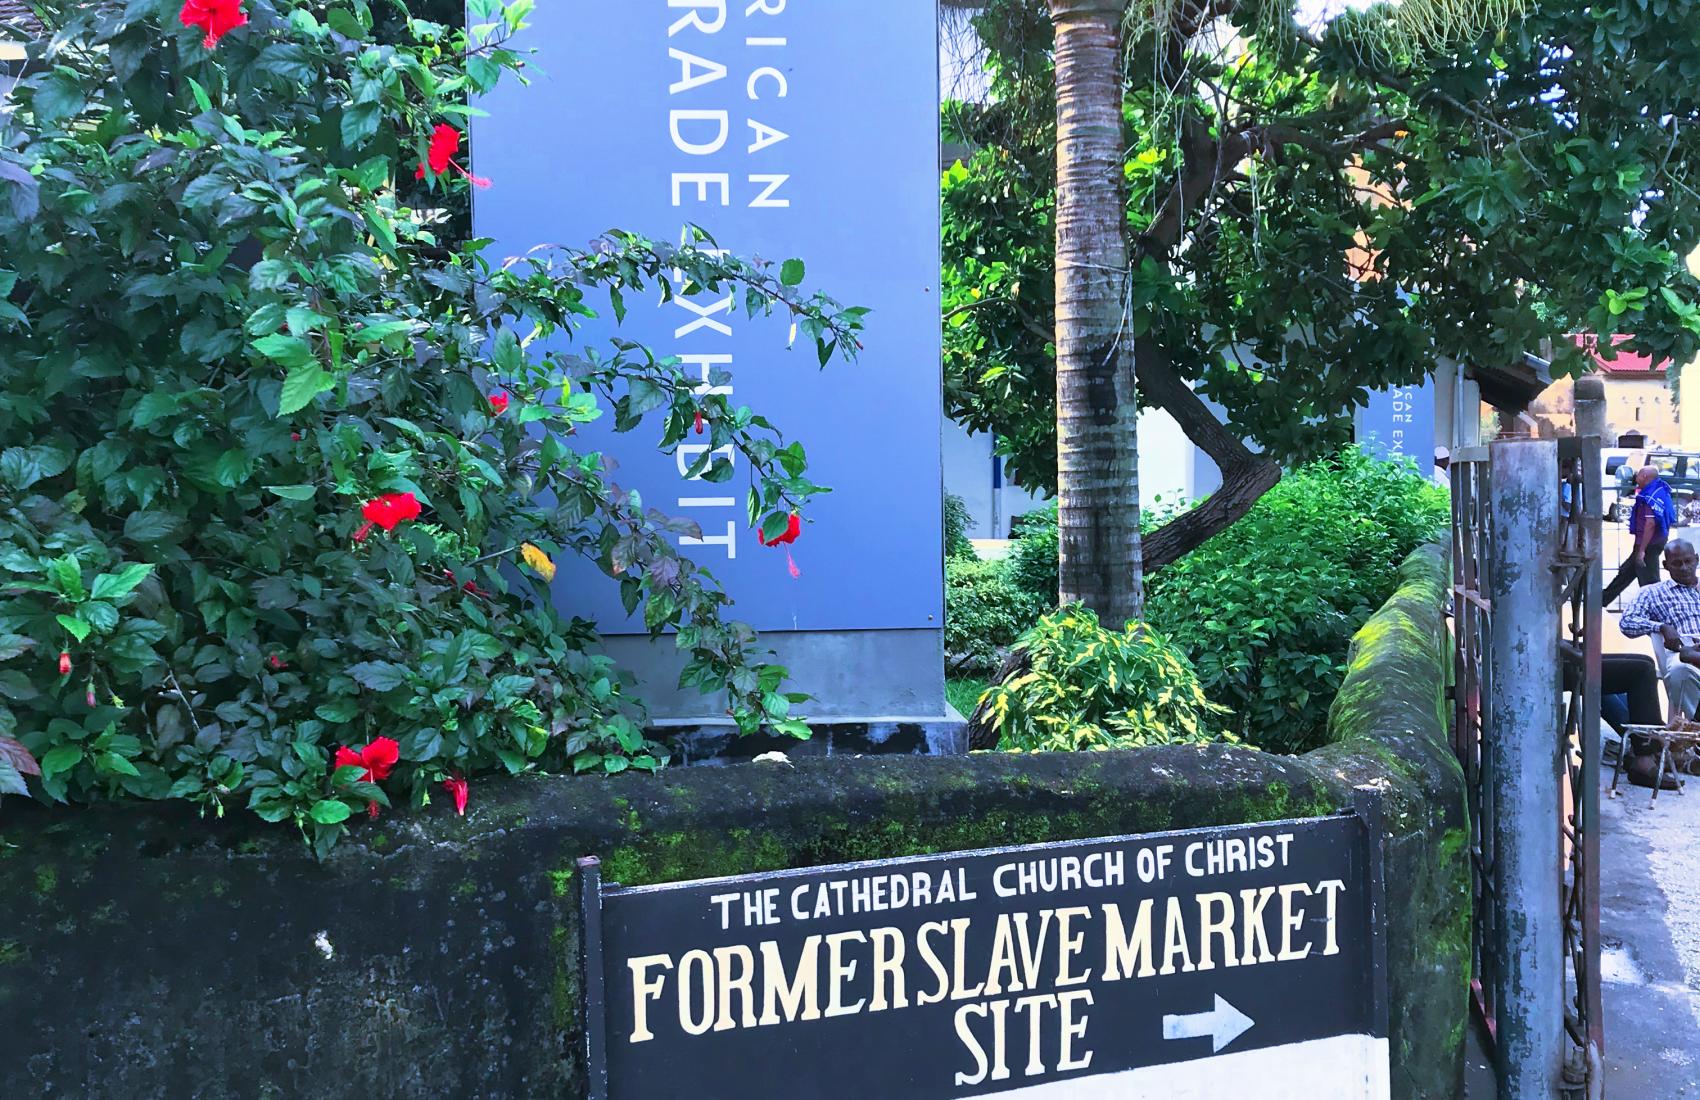 Former Slave Market Site